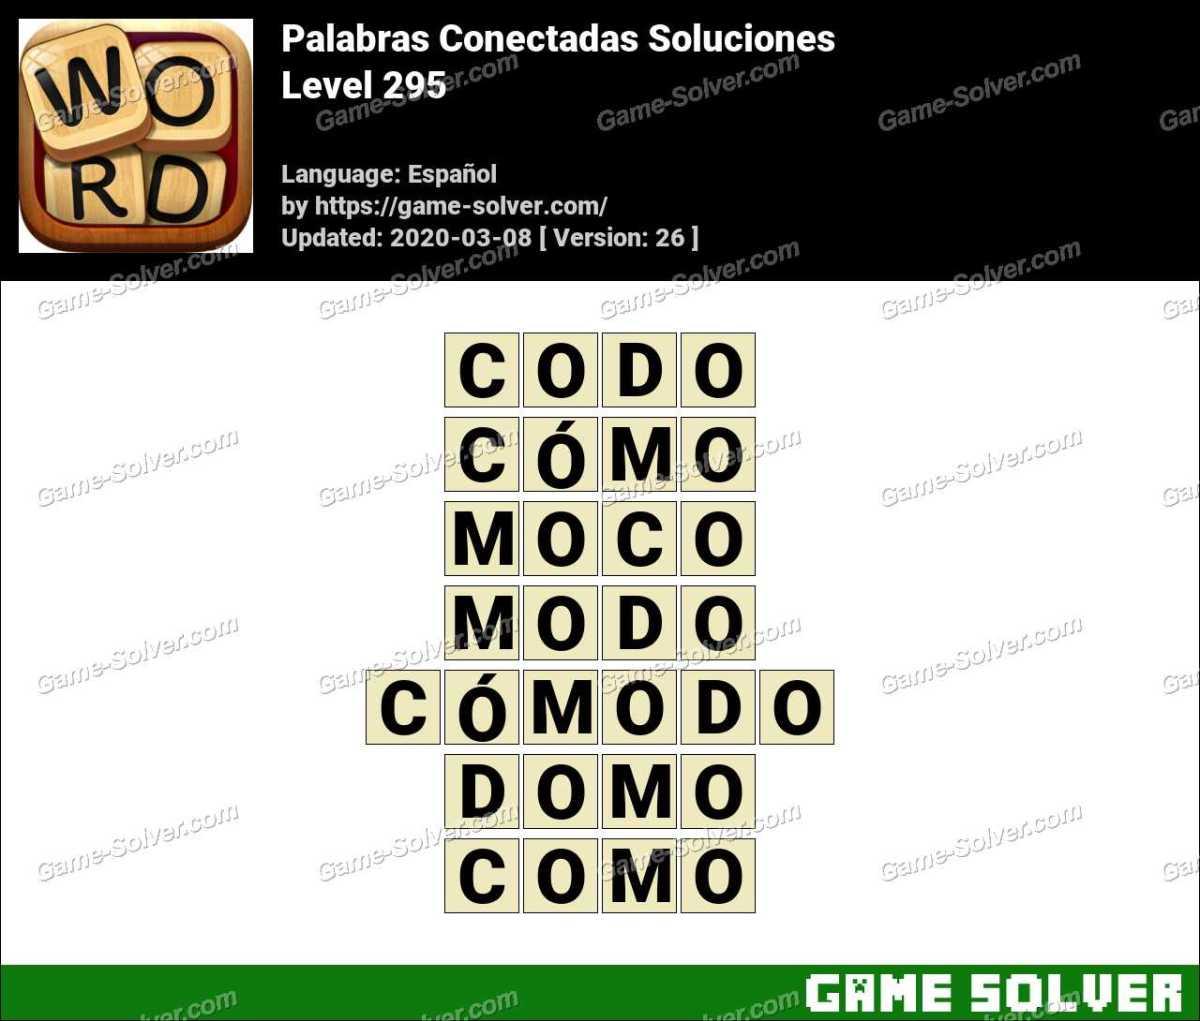 Palabras Conectadas Nivel 295 Soluciones